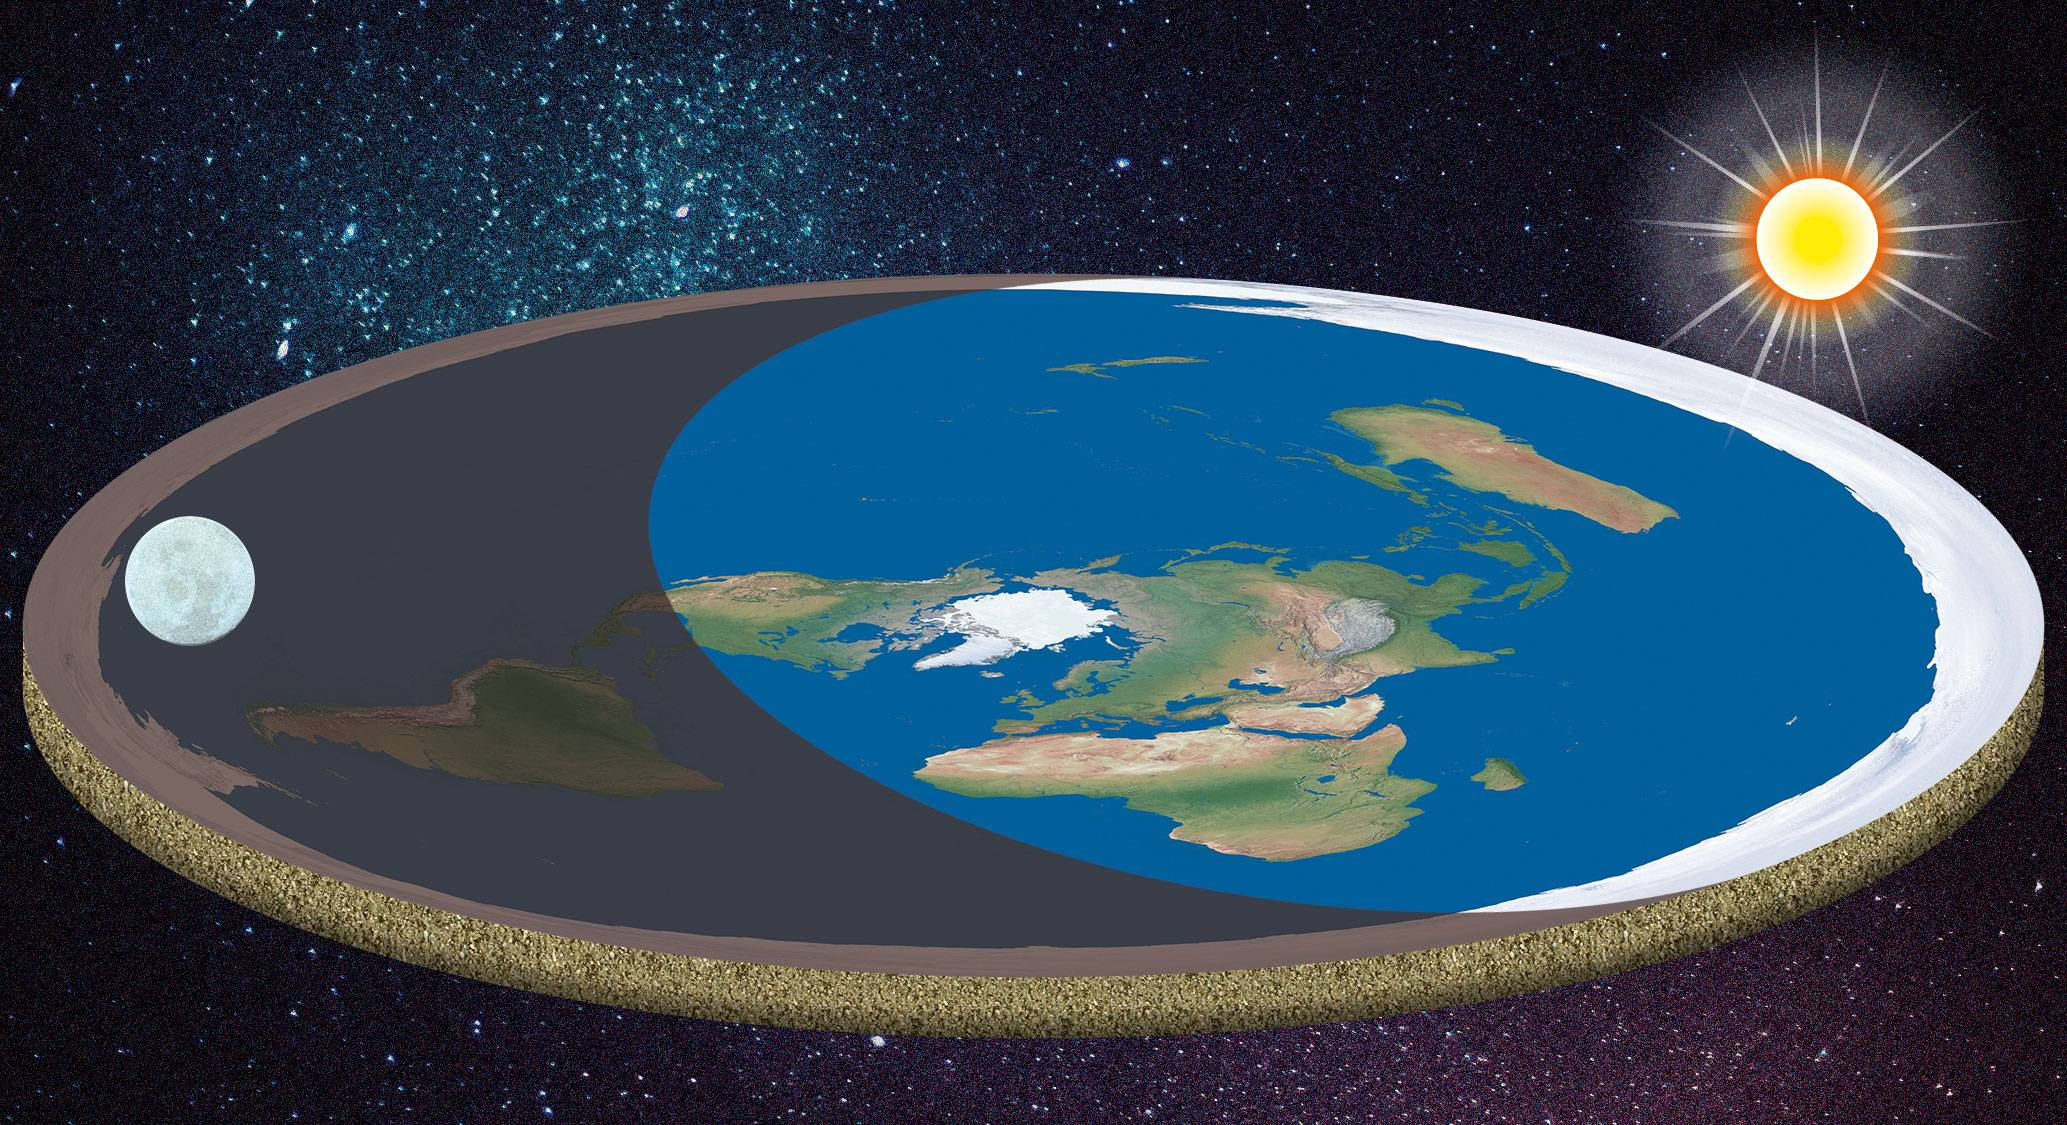 https://www.mirf.ru/wp-content/uploads/2017/12/flat-earth.jpg